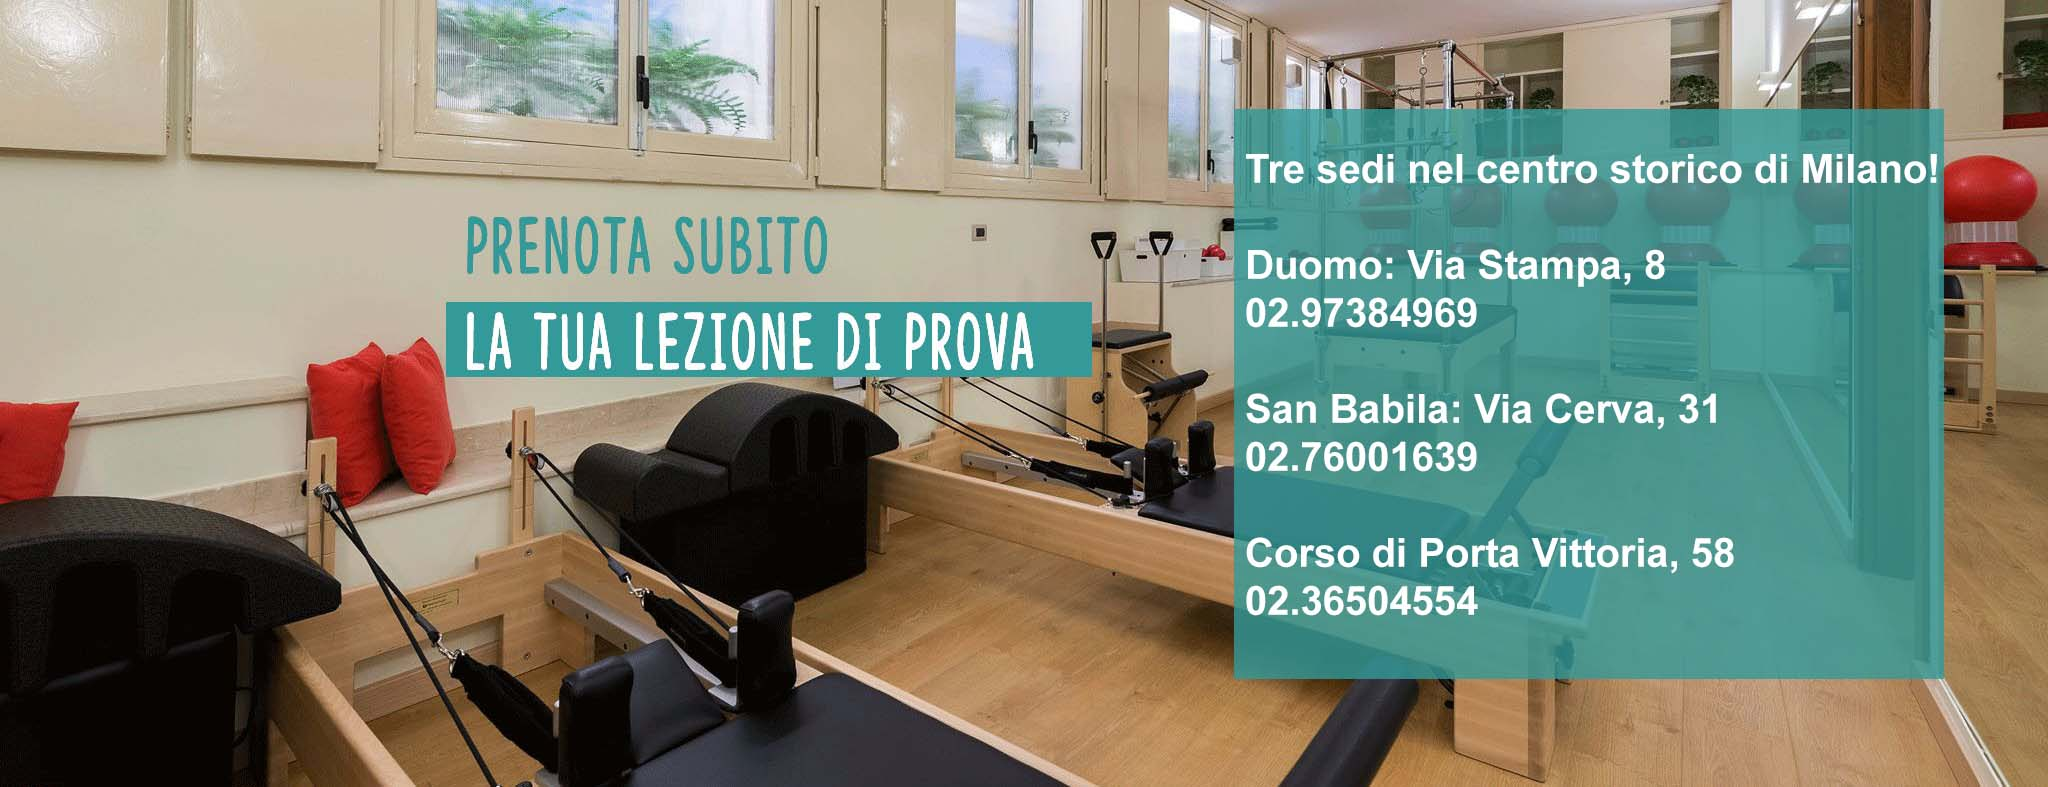 Palestra Pilates Lima Milano - Prenota subito la tua lezione di prova